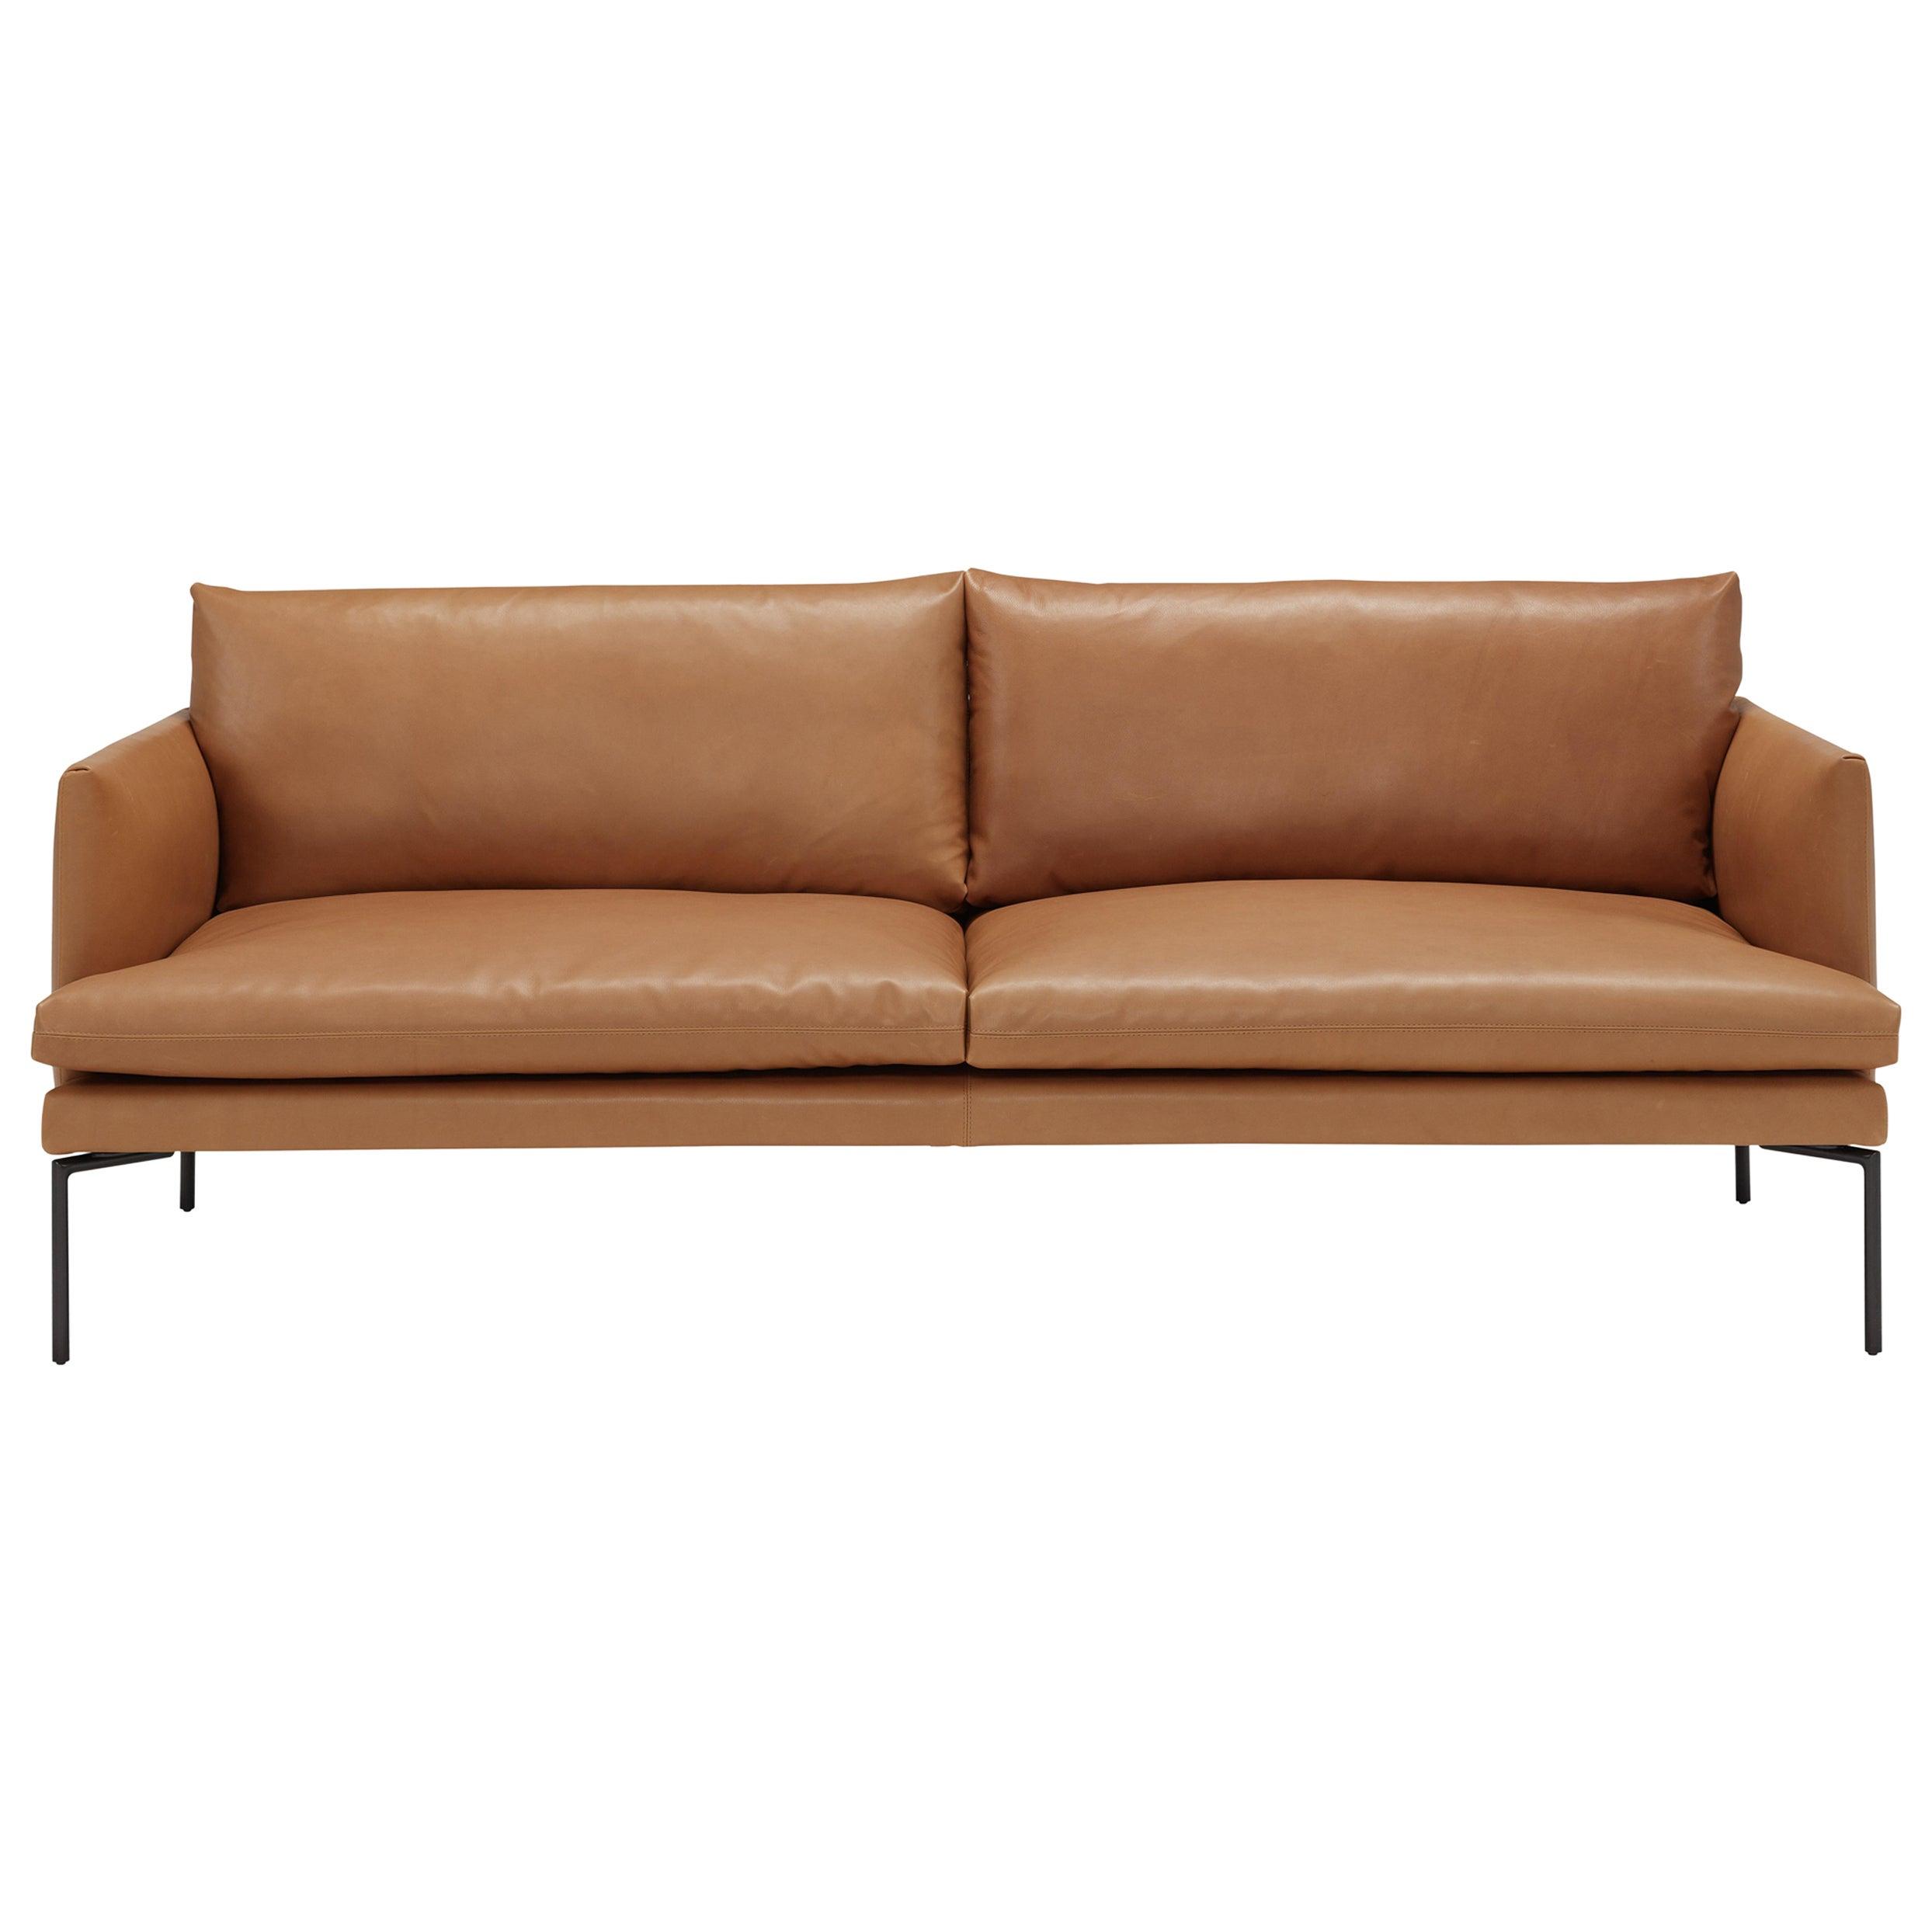 Amura 'Mavis' 2-Seat Sofa in Brown Leather and Metal Feet